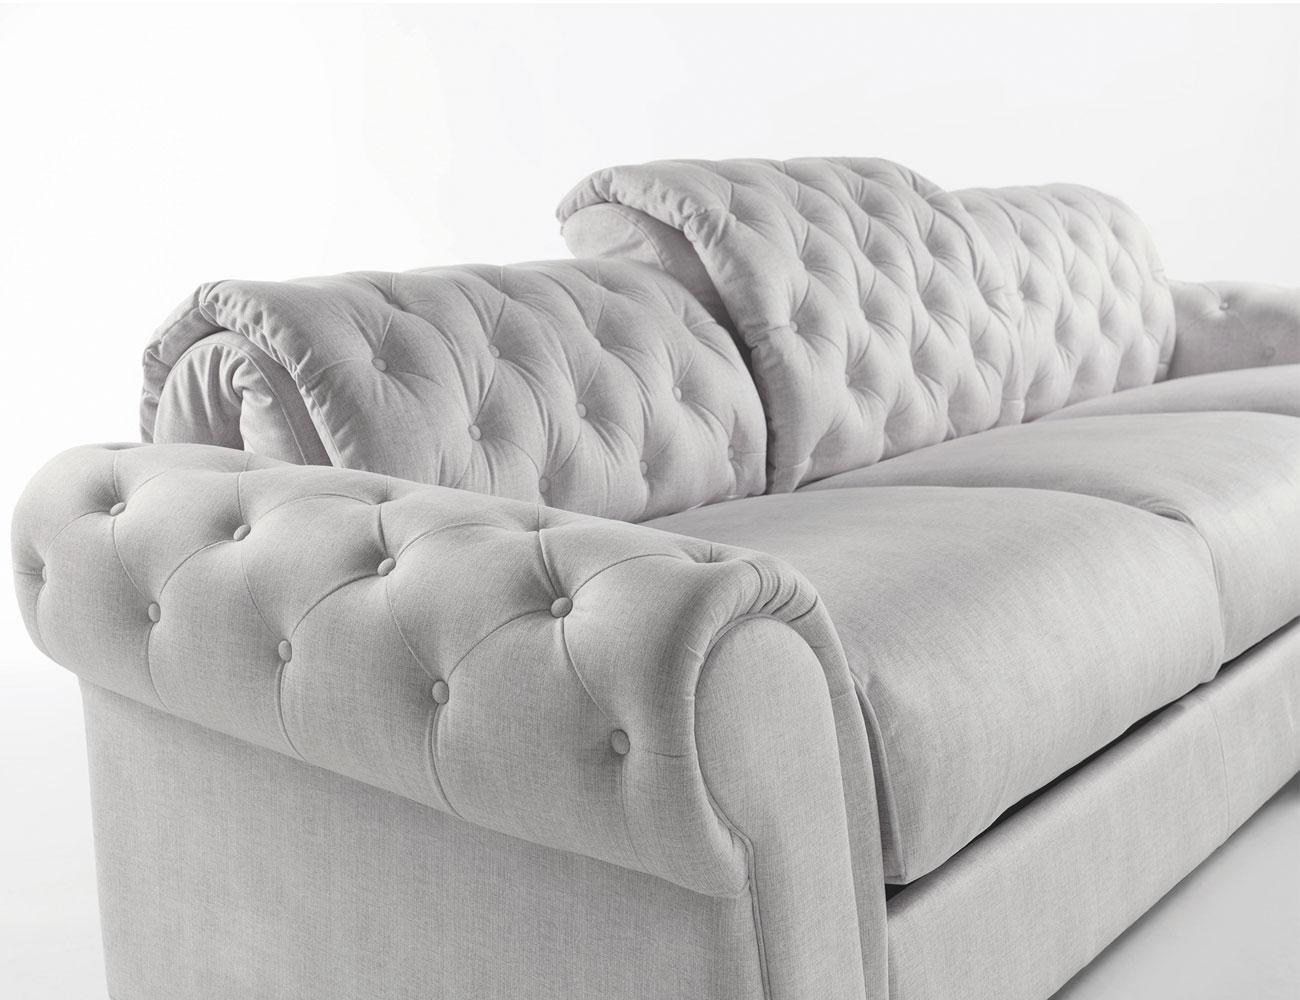 Sofa chaiselongue gran lujo decorativo capitone blanco tela 143